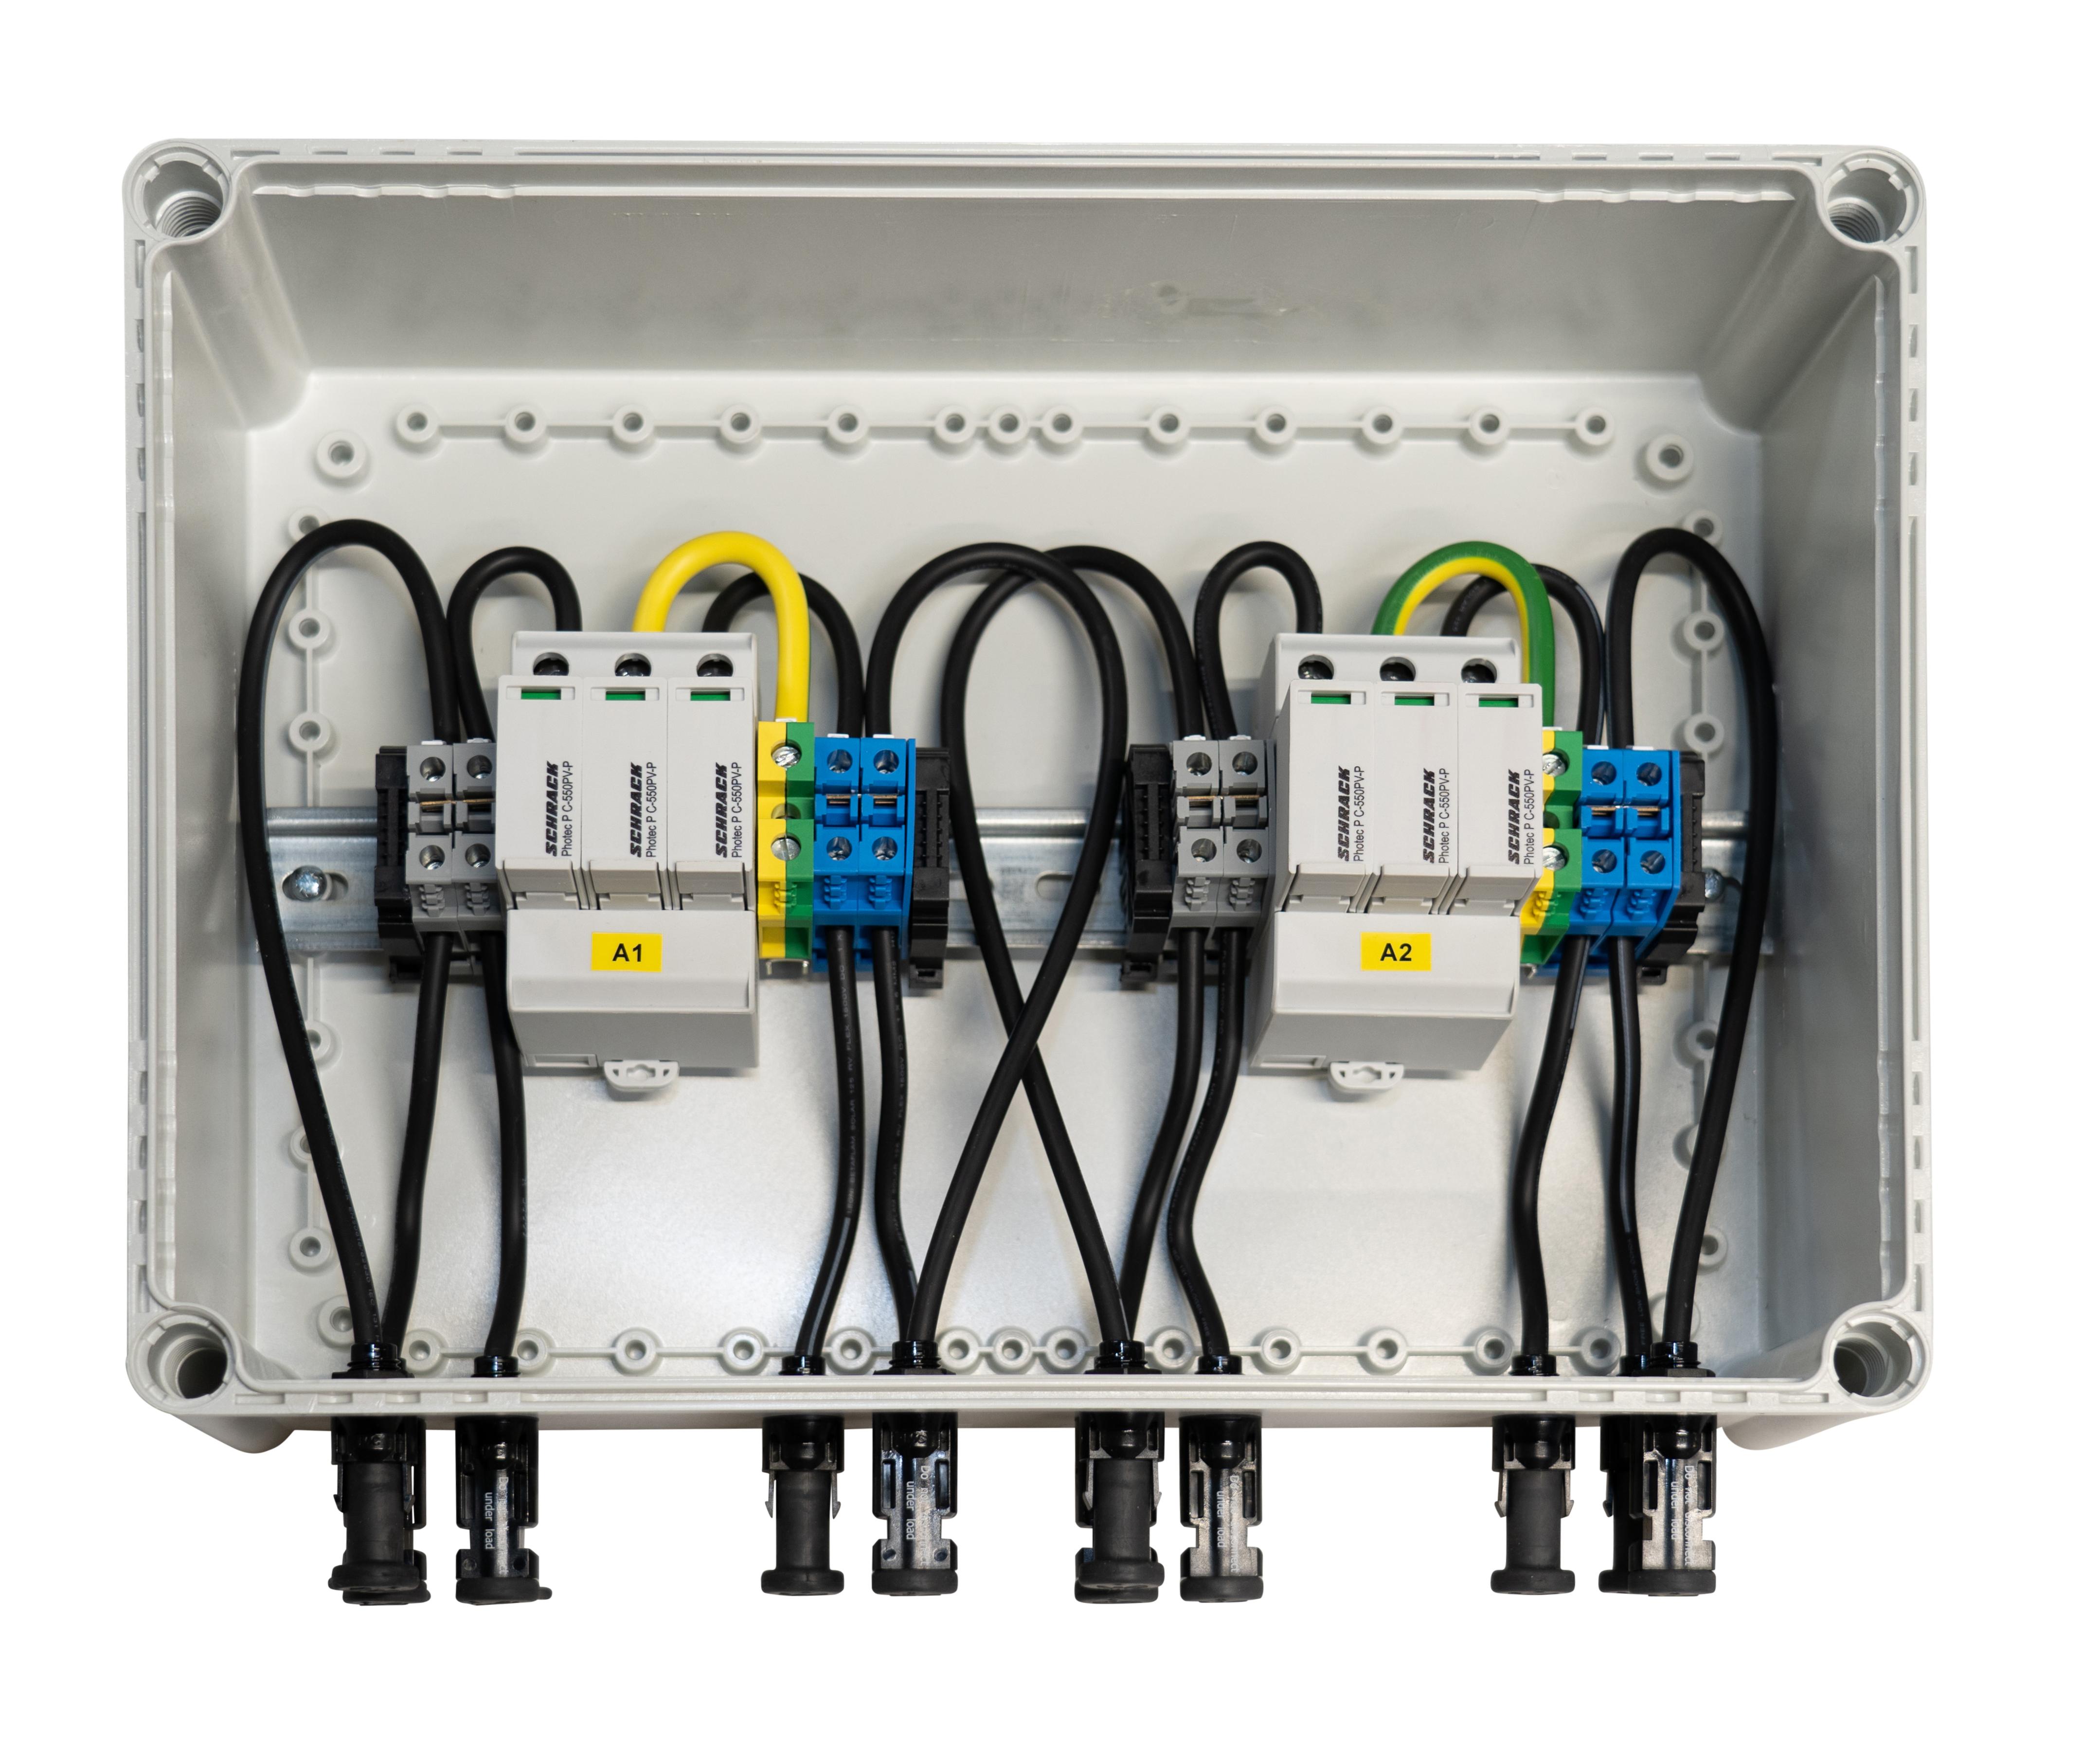 1 Stk PV-Überspannungsableiterbox für 2 Mpp Tracker, 1000Vdc PVP15002--